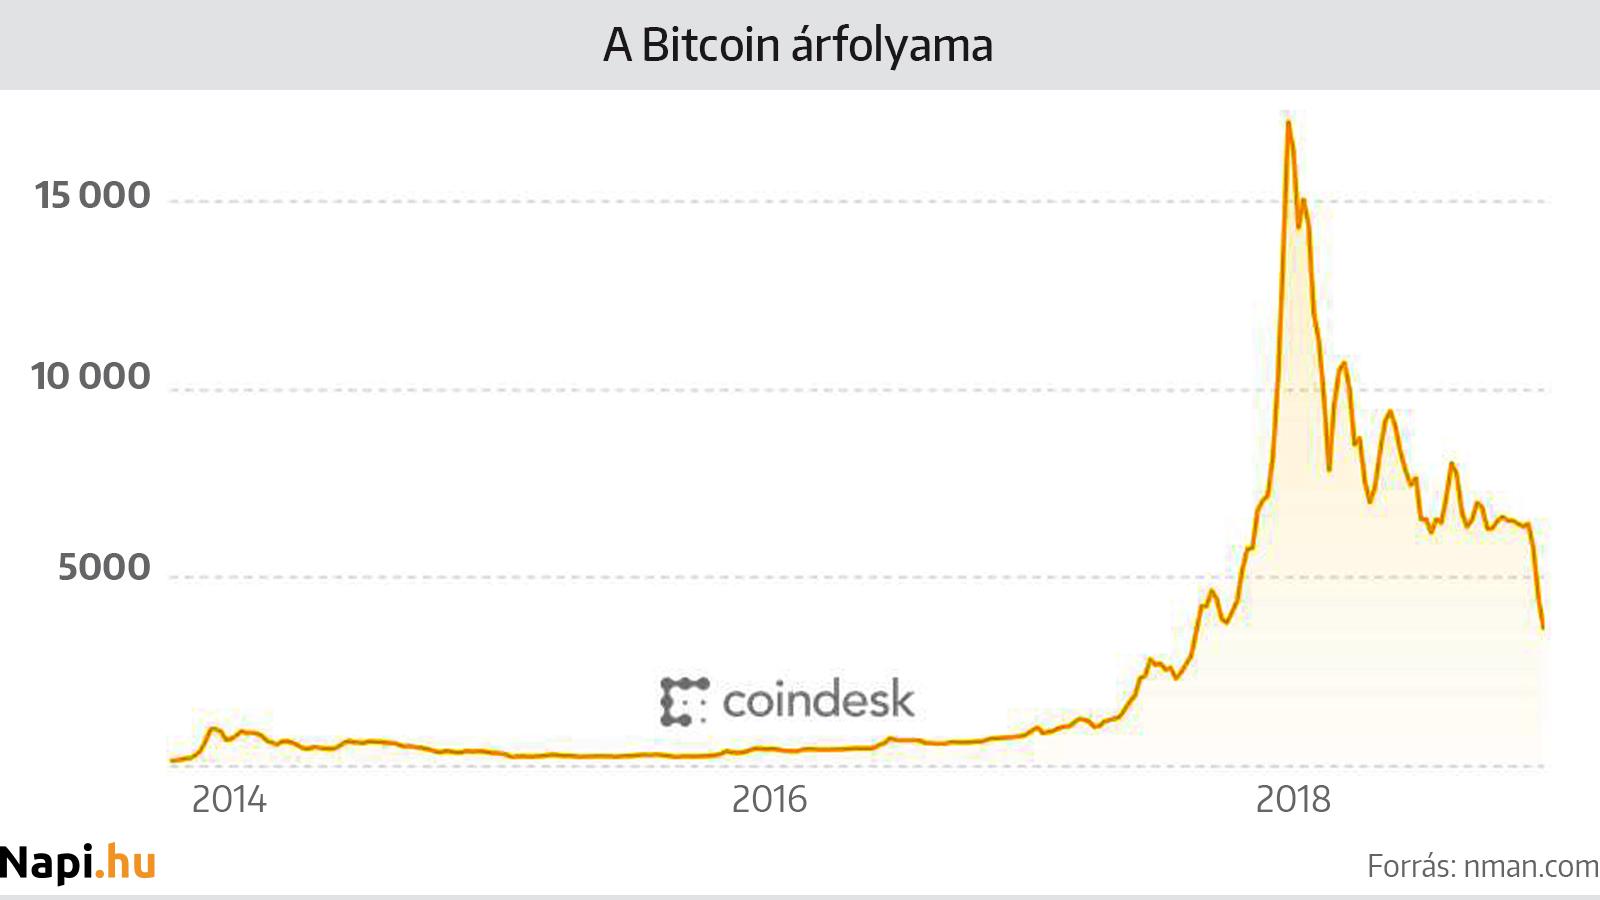 bitcoin árfolyam decemberre az opció mögöttes eszköze